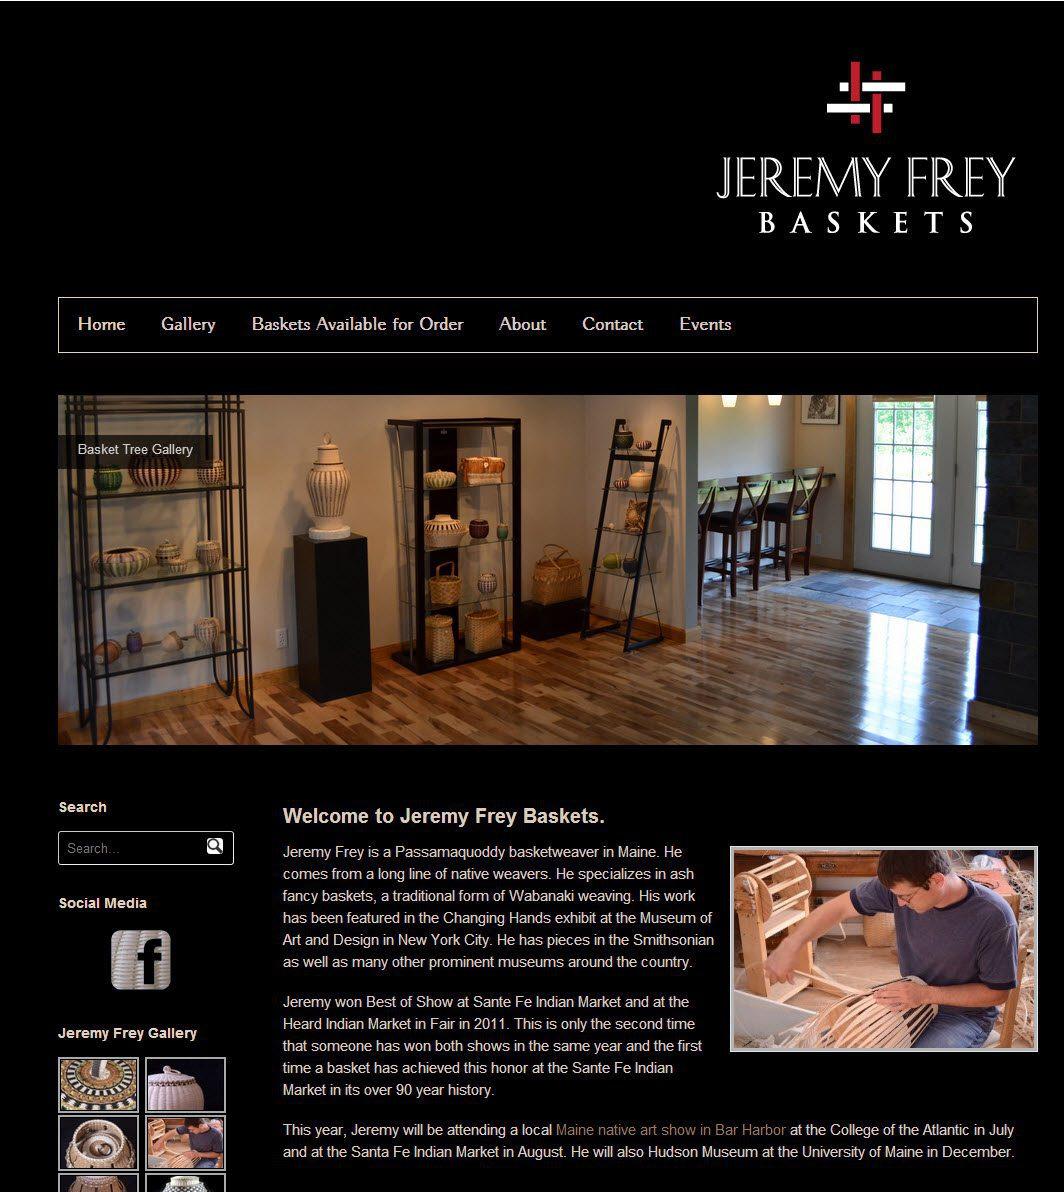 New Site Launch: Jeremy Frey